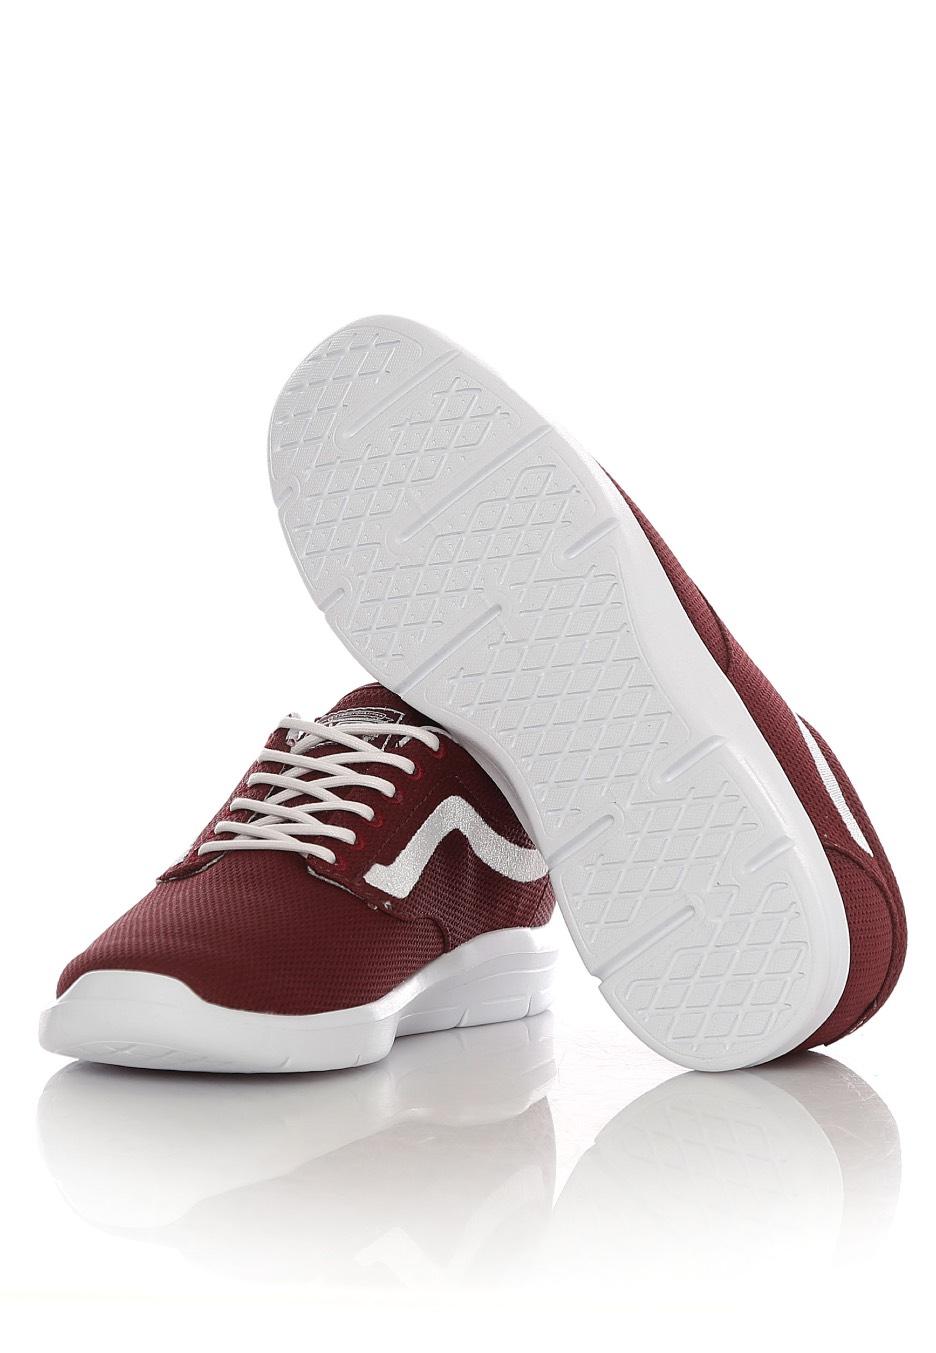 Vans - Iso 1.5 Mesh Port Royale - Girl Shoes - Impericon.com AU a38e6de24